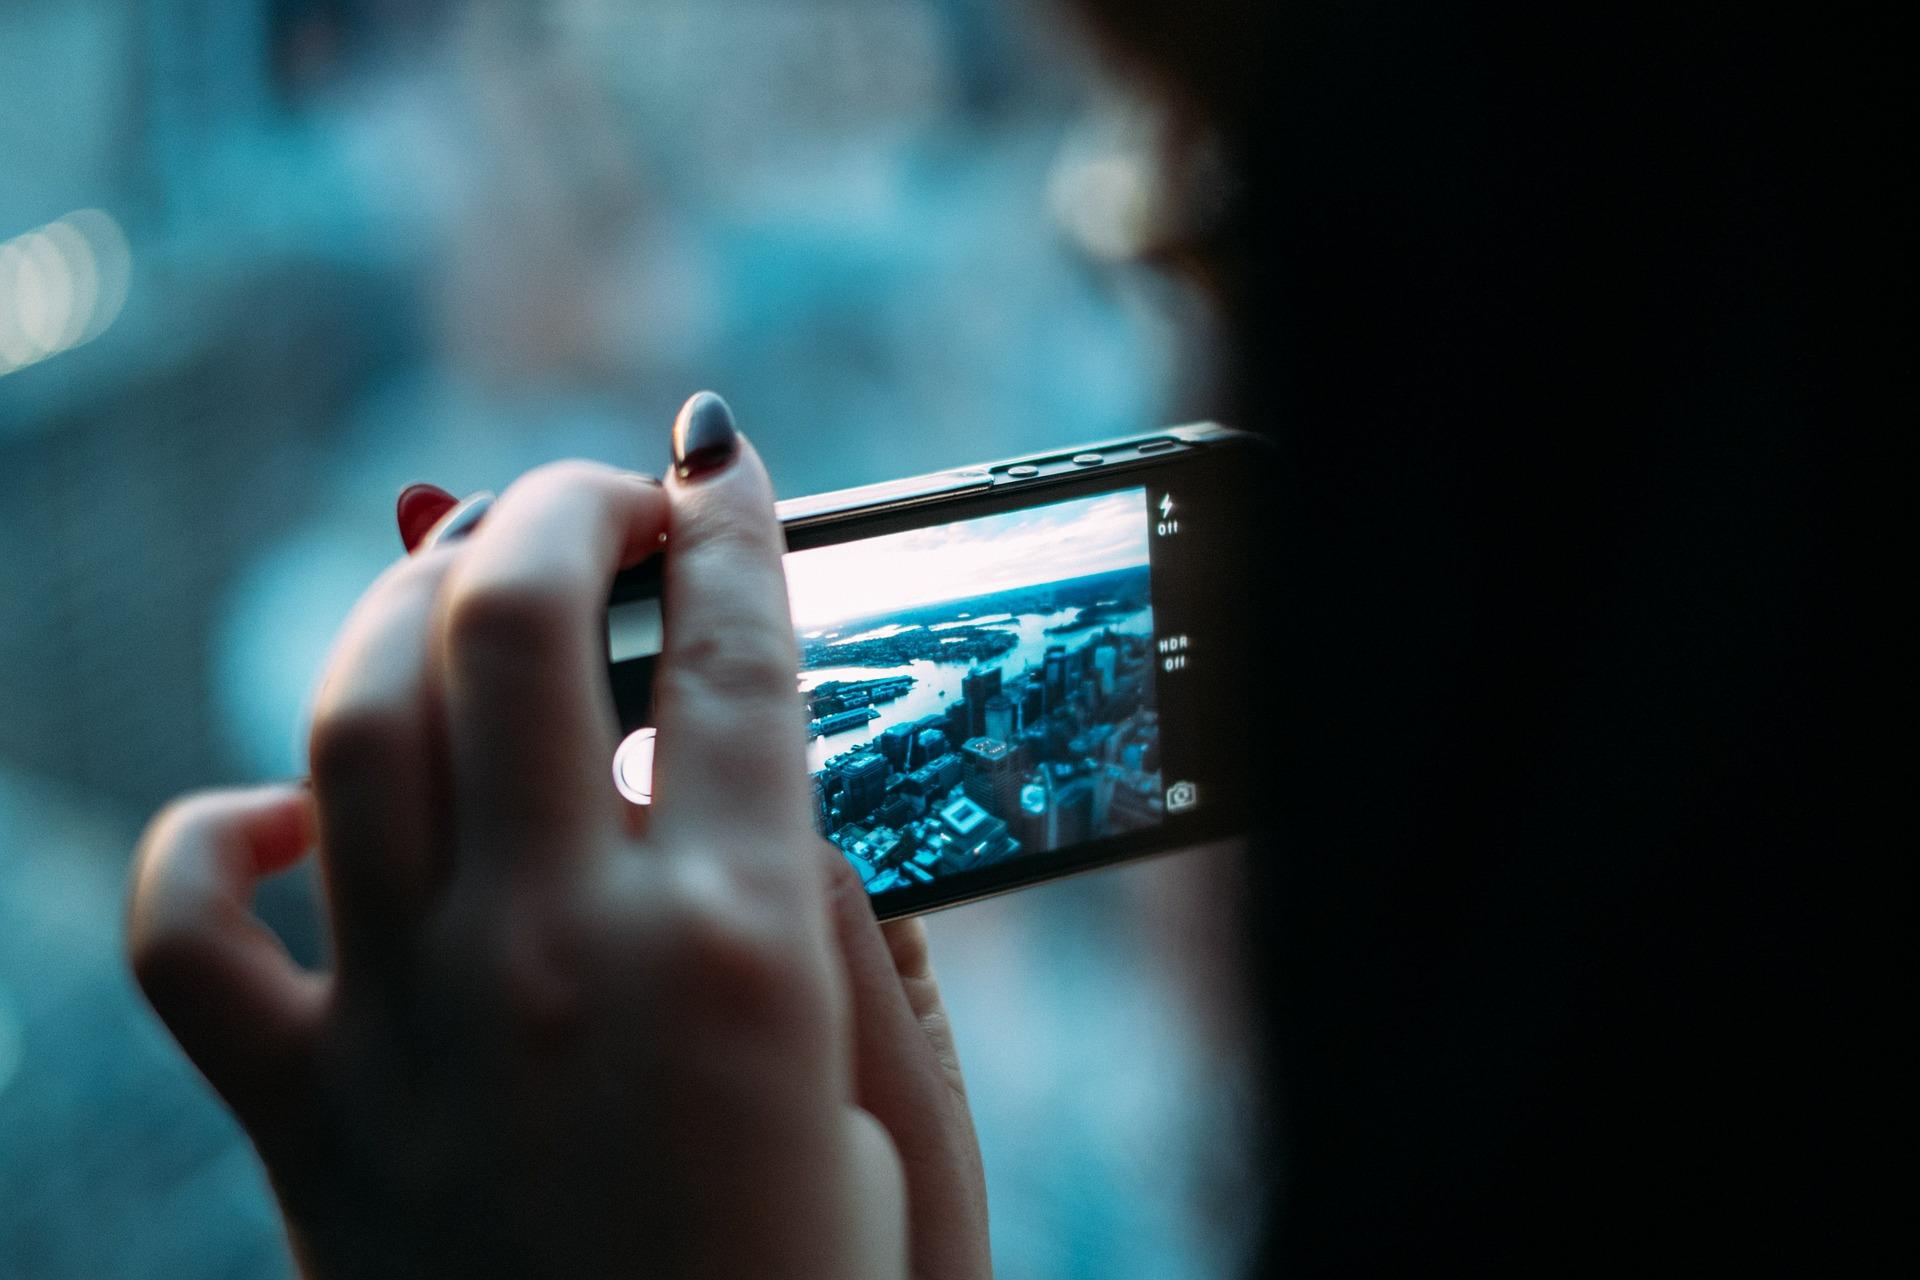 una ragazza scatta una foto con il cellulare. l'algoritmo di instagram poi la renderà visibile